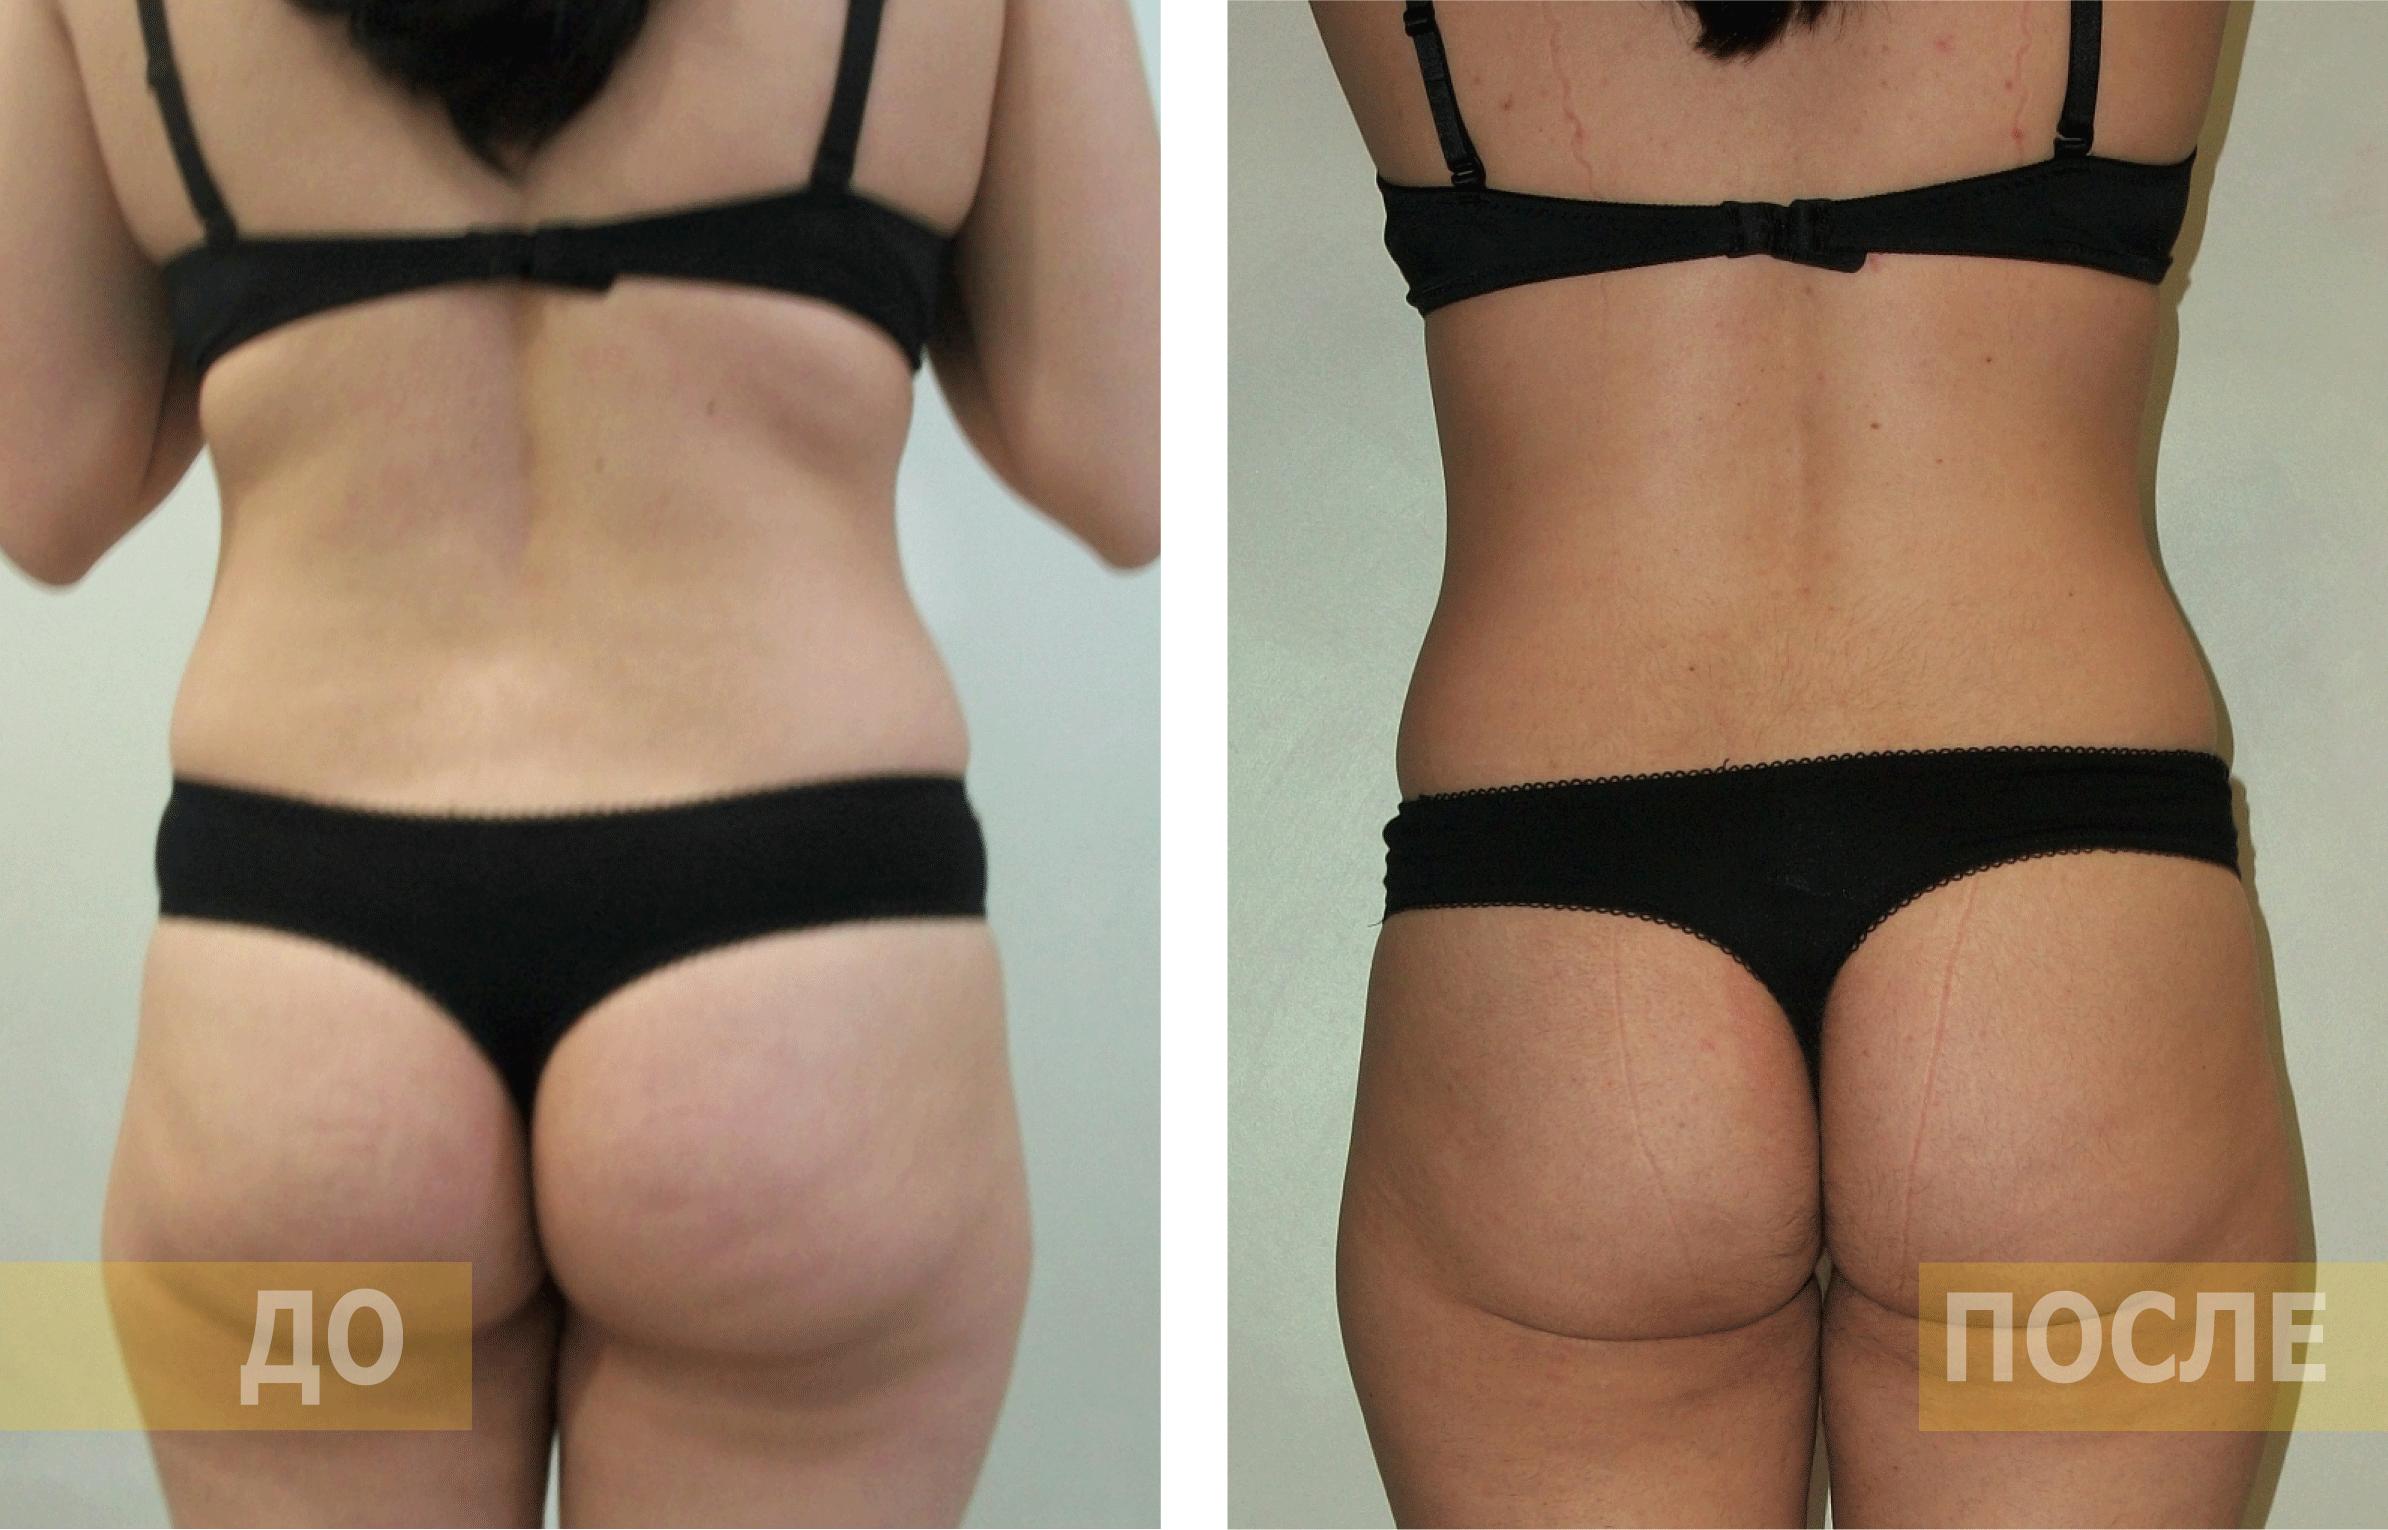 Прессотерапия - отзывы и результаты, фото до и после